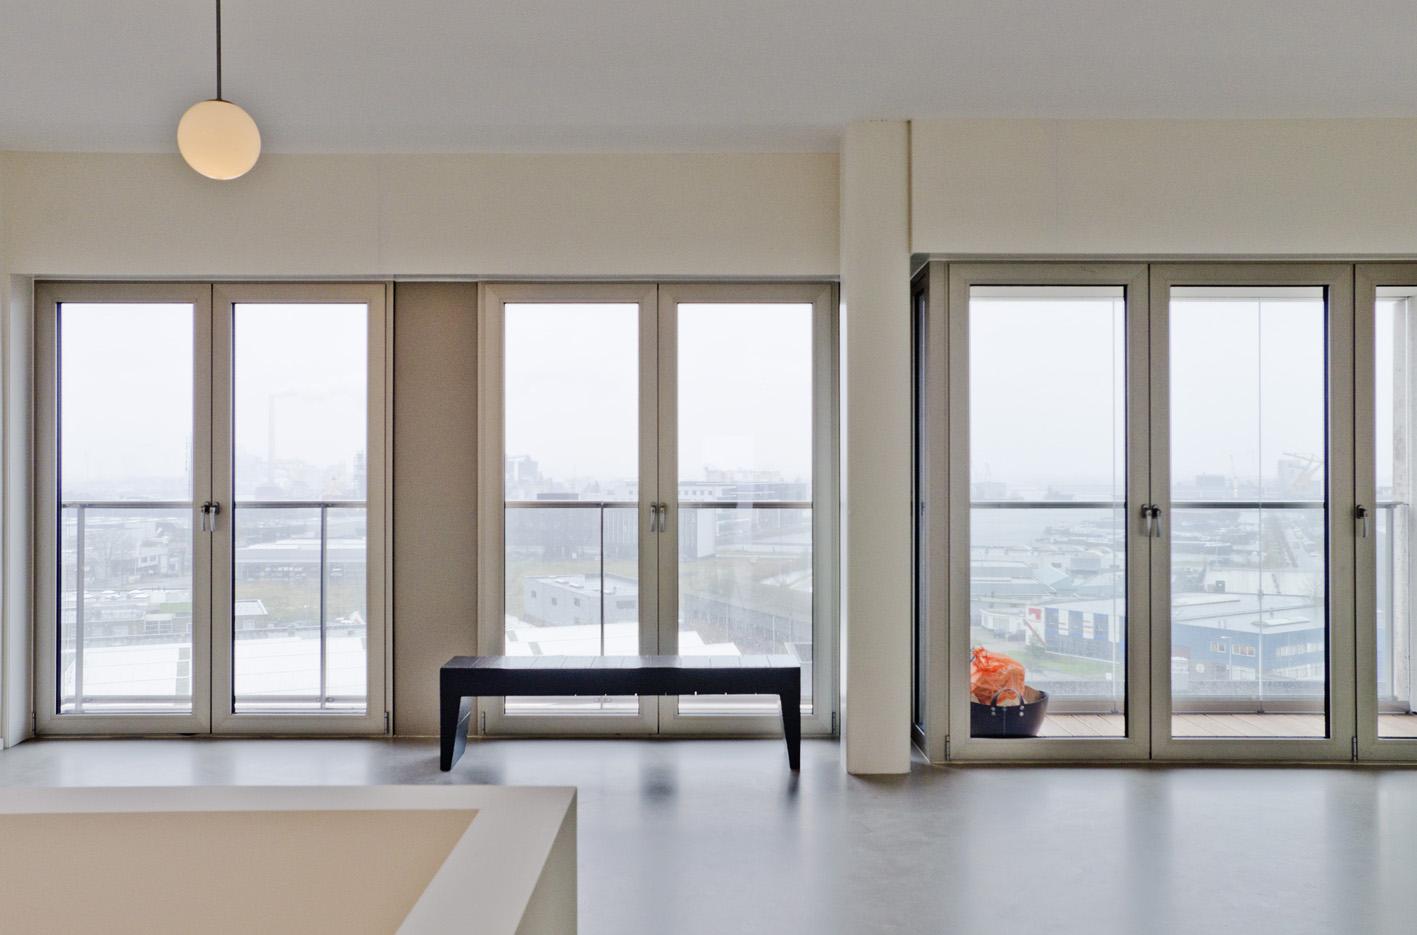 Atelier PUUUR BLOK interieur penthouse geluidbelaste gevel BLOK0 Houthaven Amsterdam CO zelfbouw